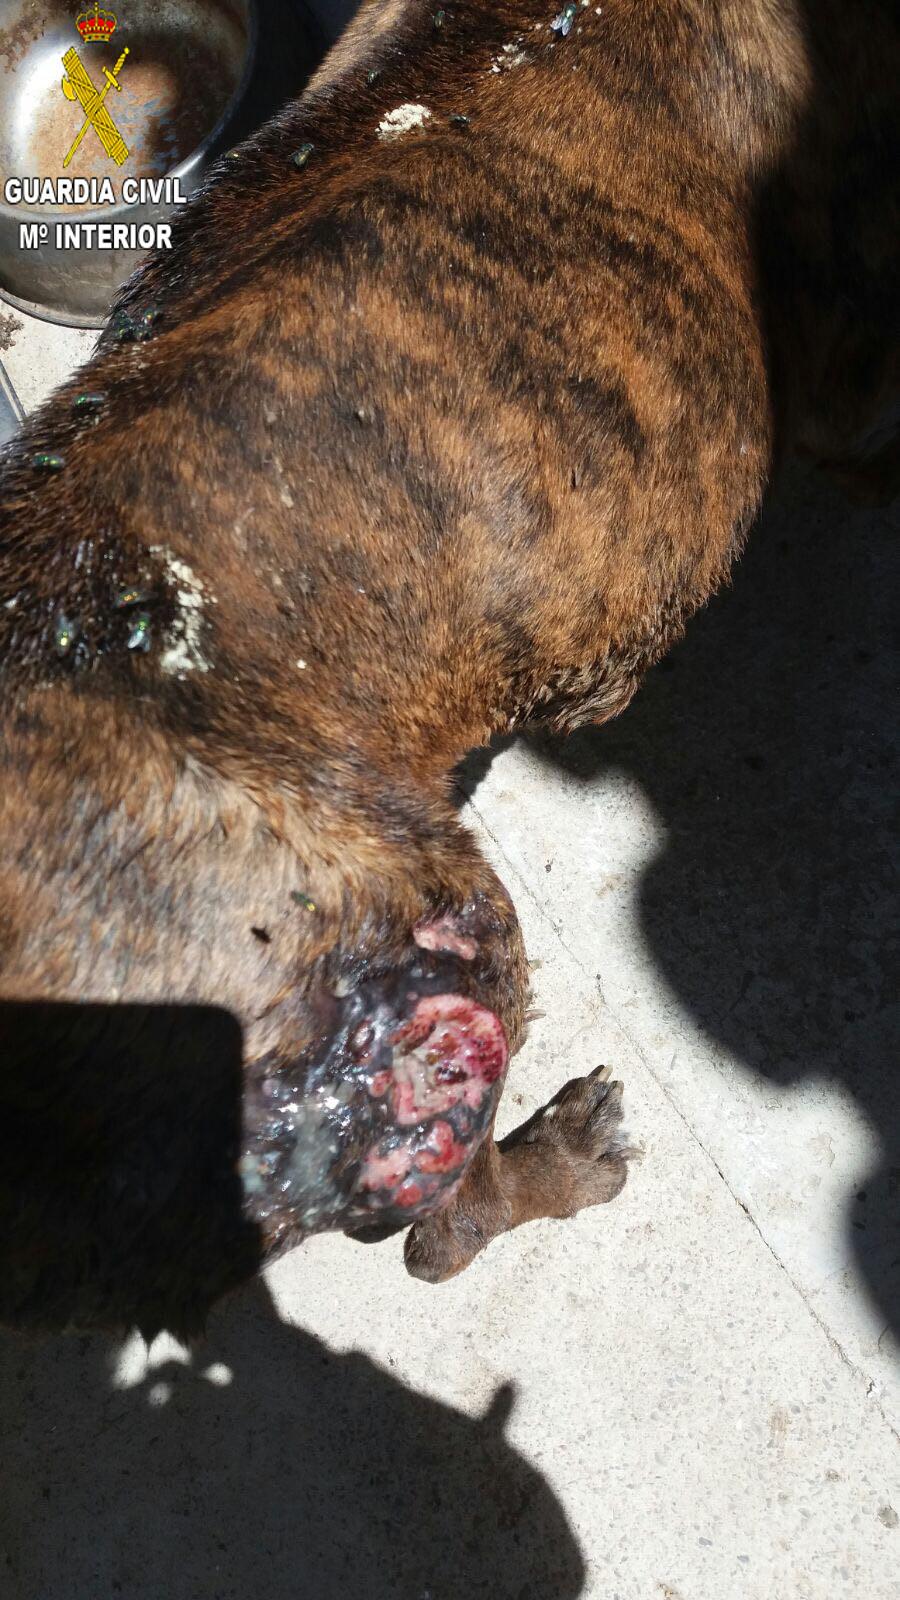 Uno de los animales que ha sido encontrado por la Guardia Civil con signos de maltrato.